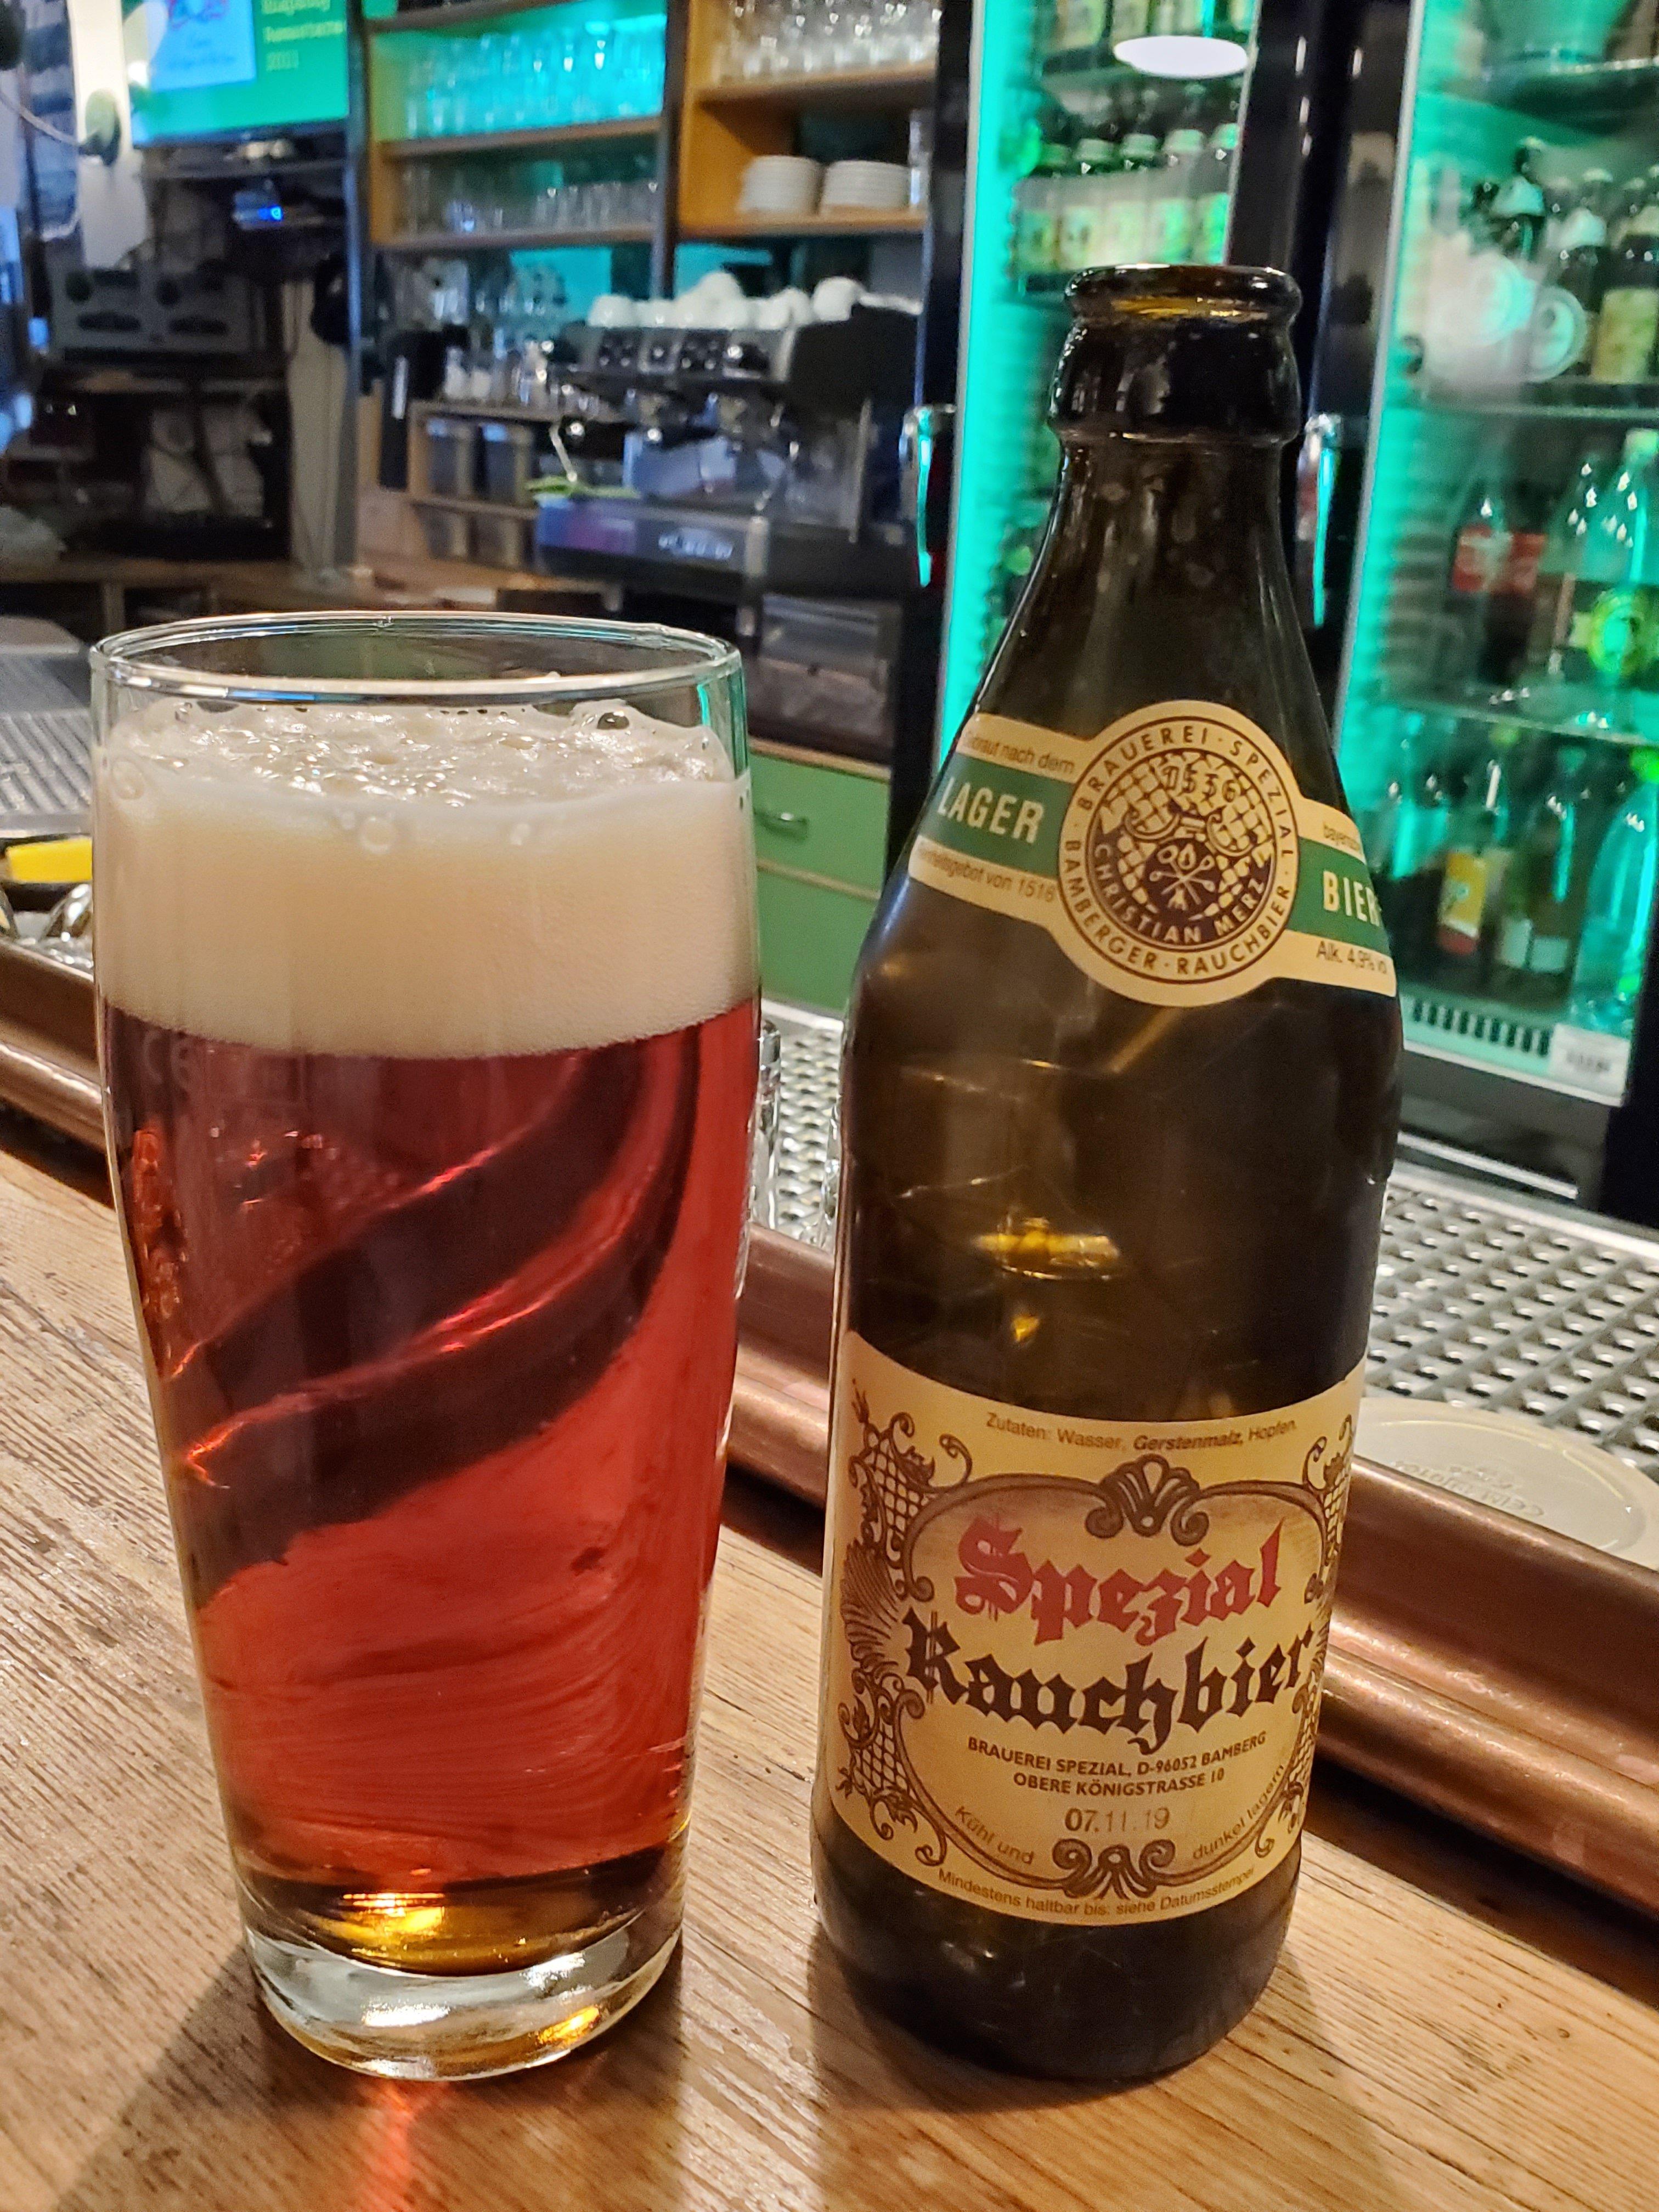 Bamberg Special Rauchbier or Smoke Beer.jpg